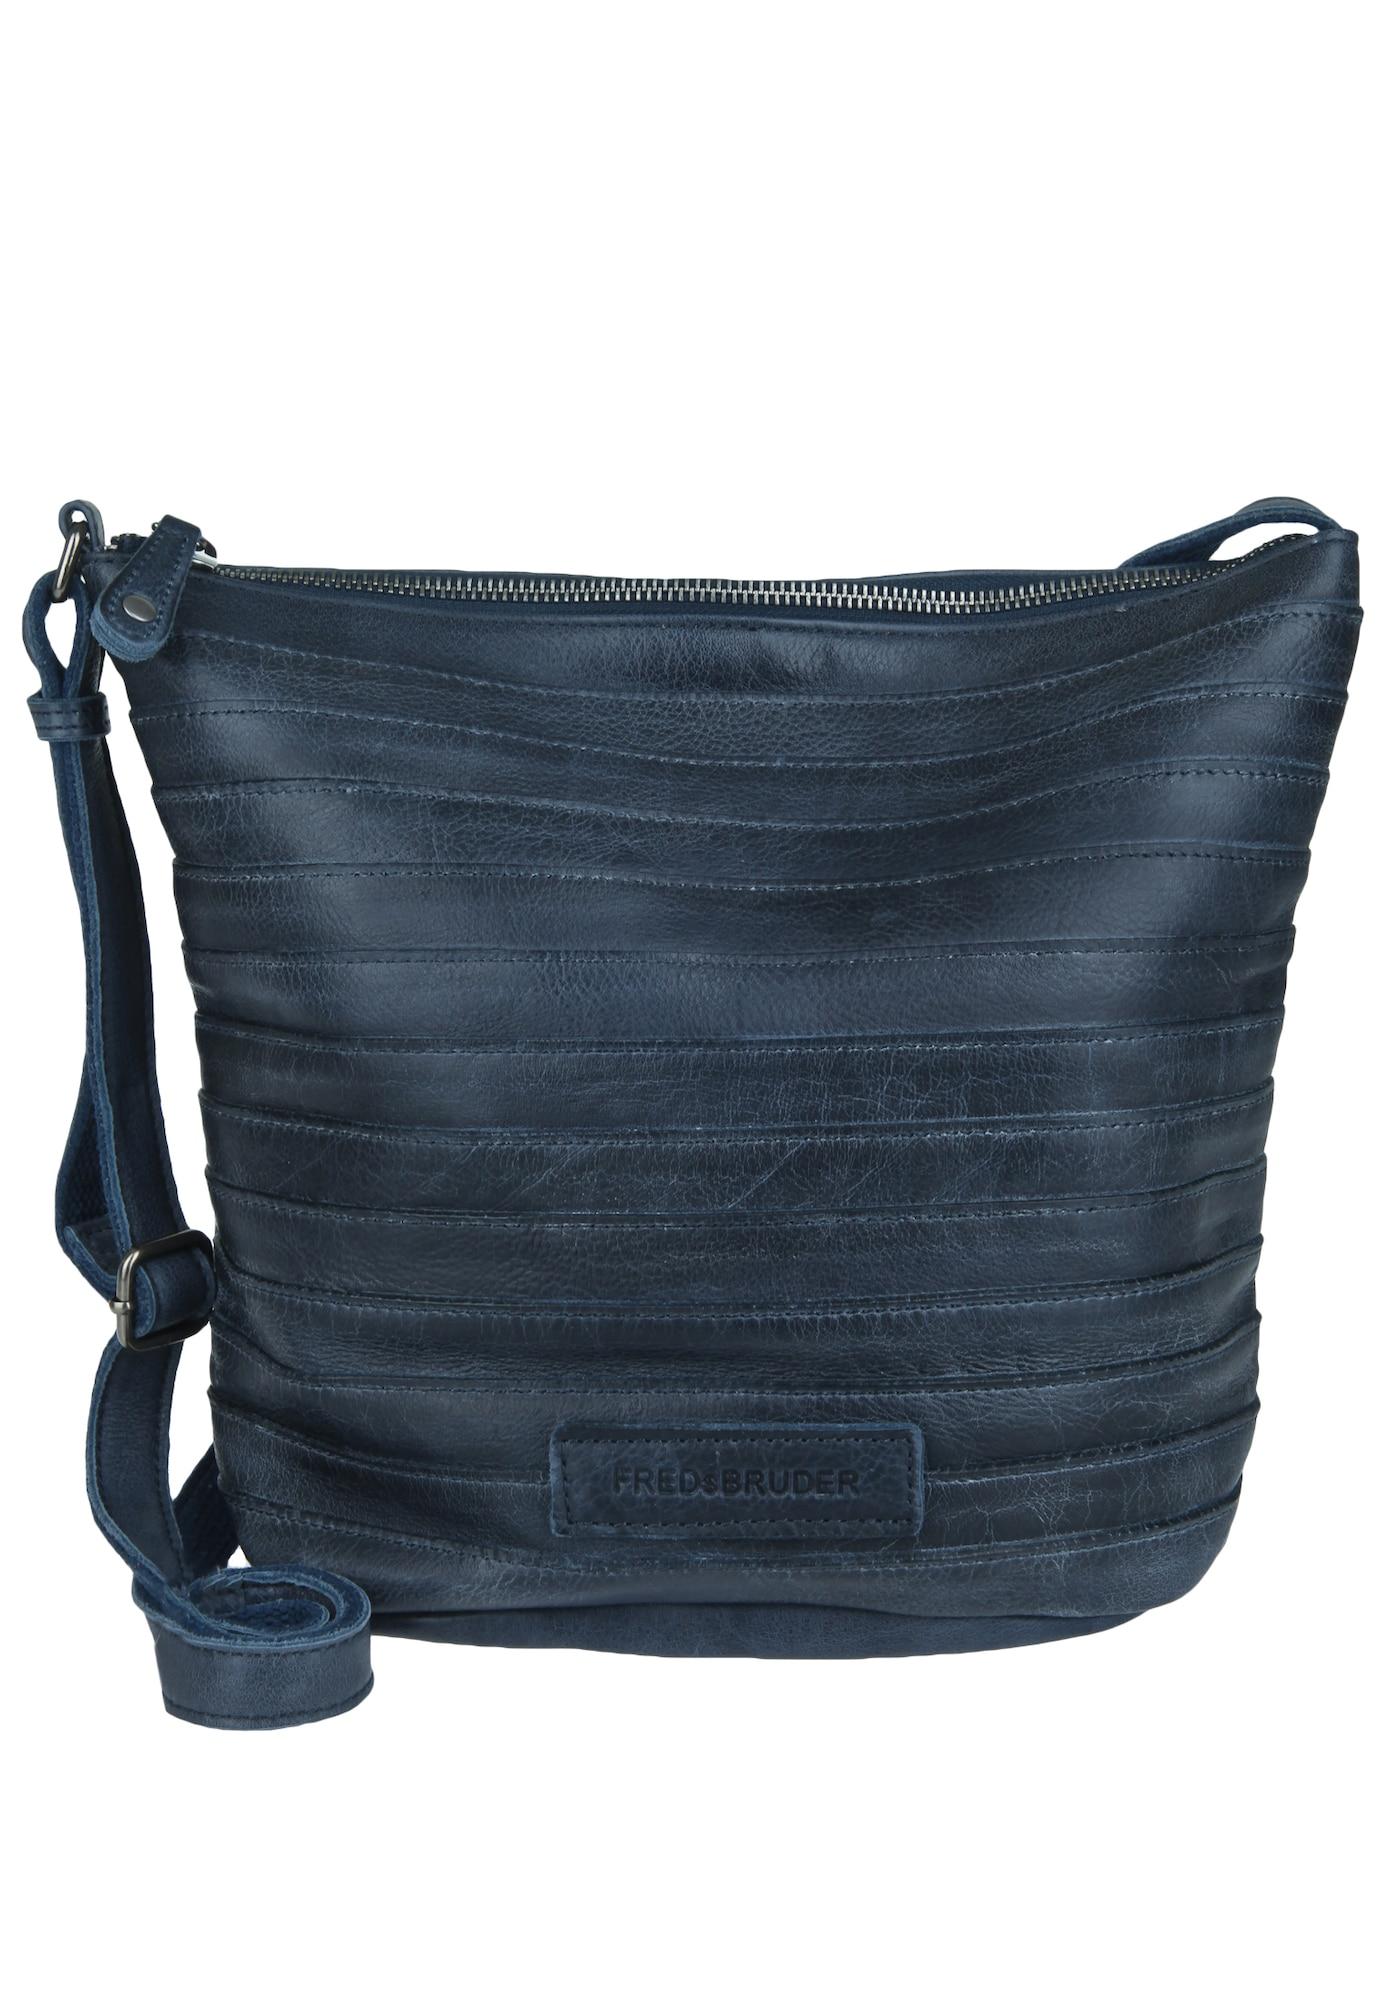 Beuteltasche 'GÜRTELINCHEN' | Taschen > Handtaschen > Beuteltaschen | Blau | FREDsBRUDER